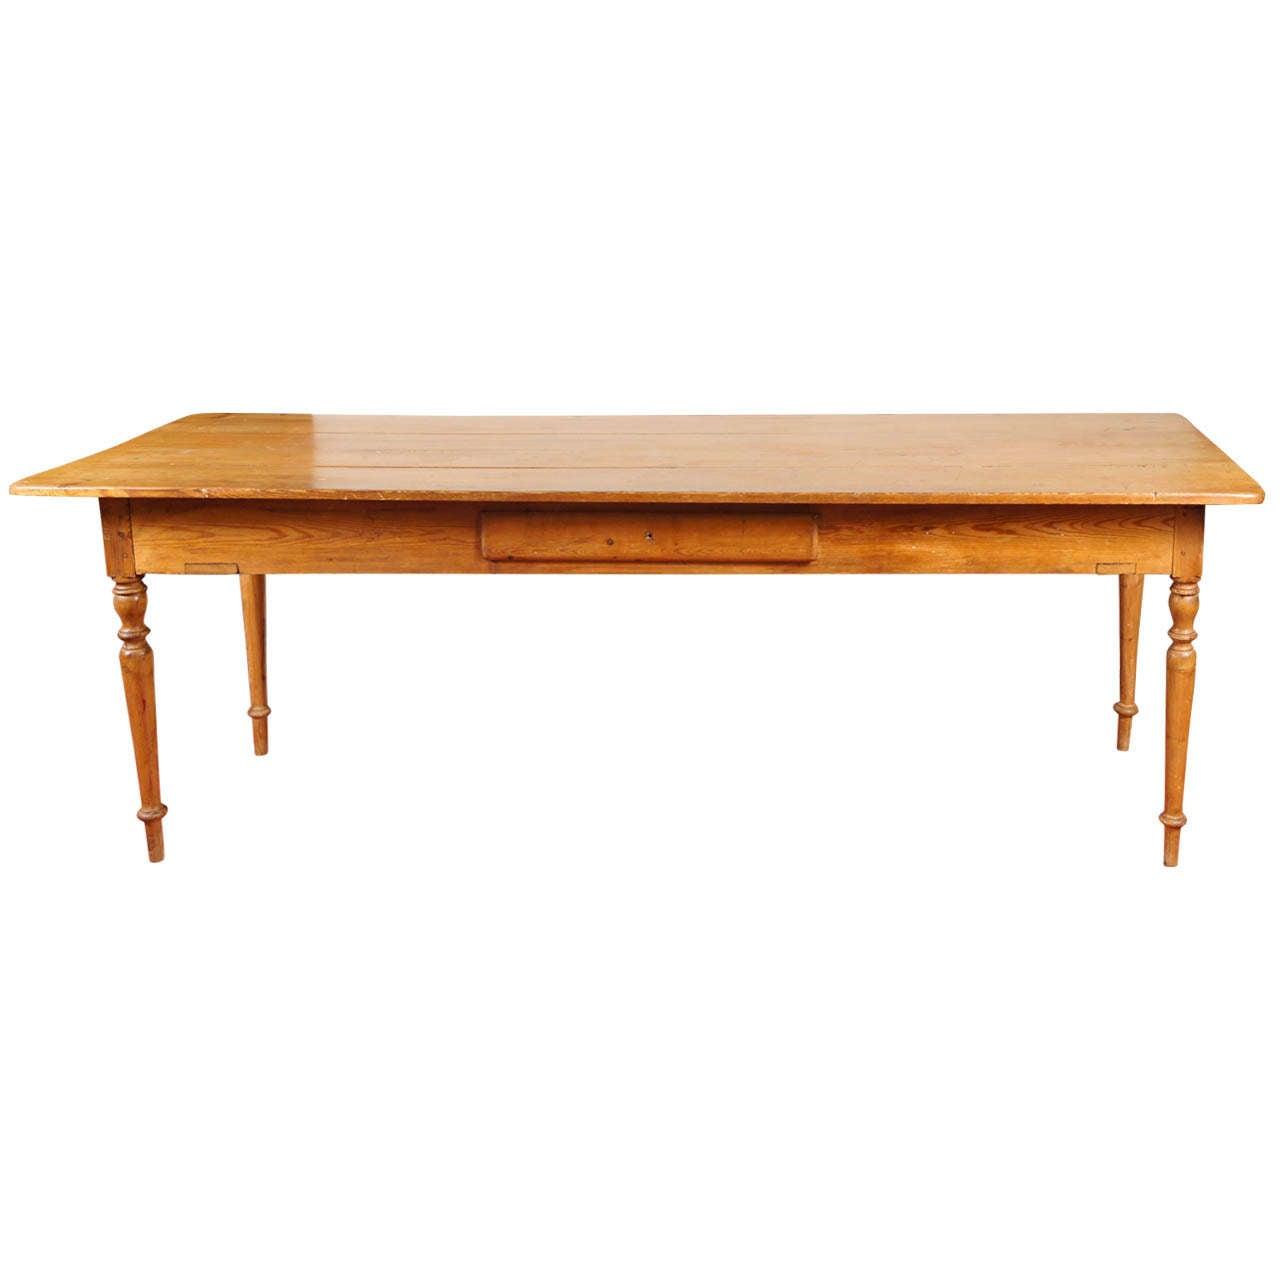 Id F_1032306 on Modern Kitchen Worktable